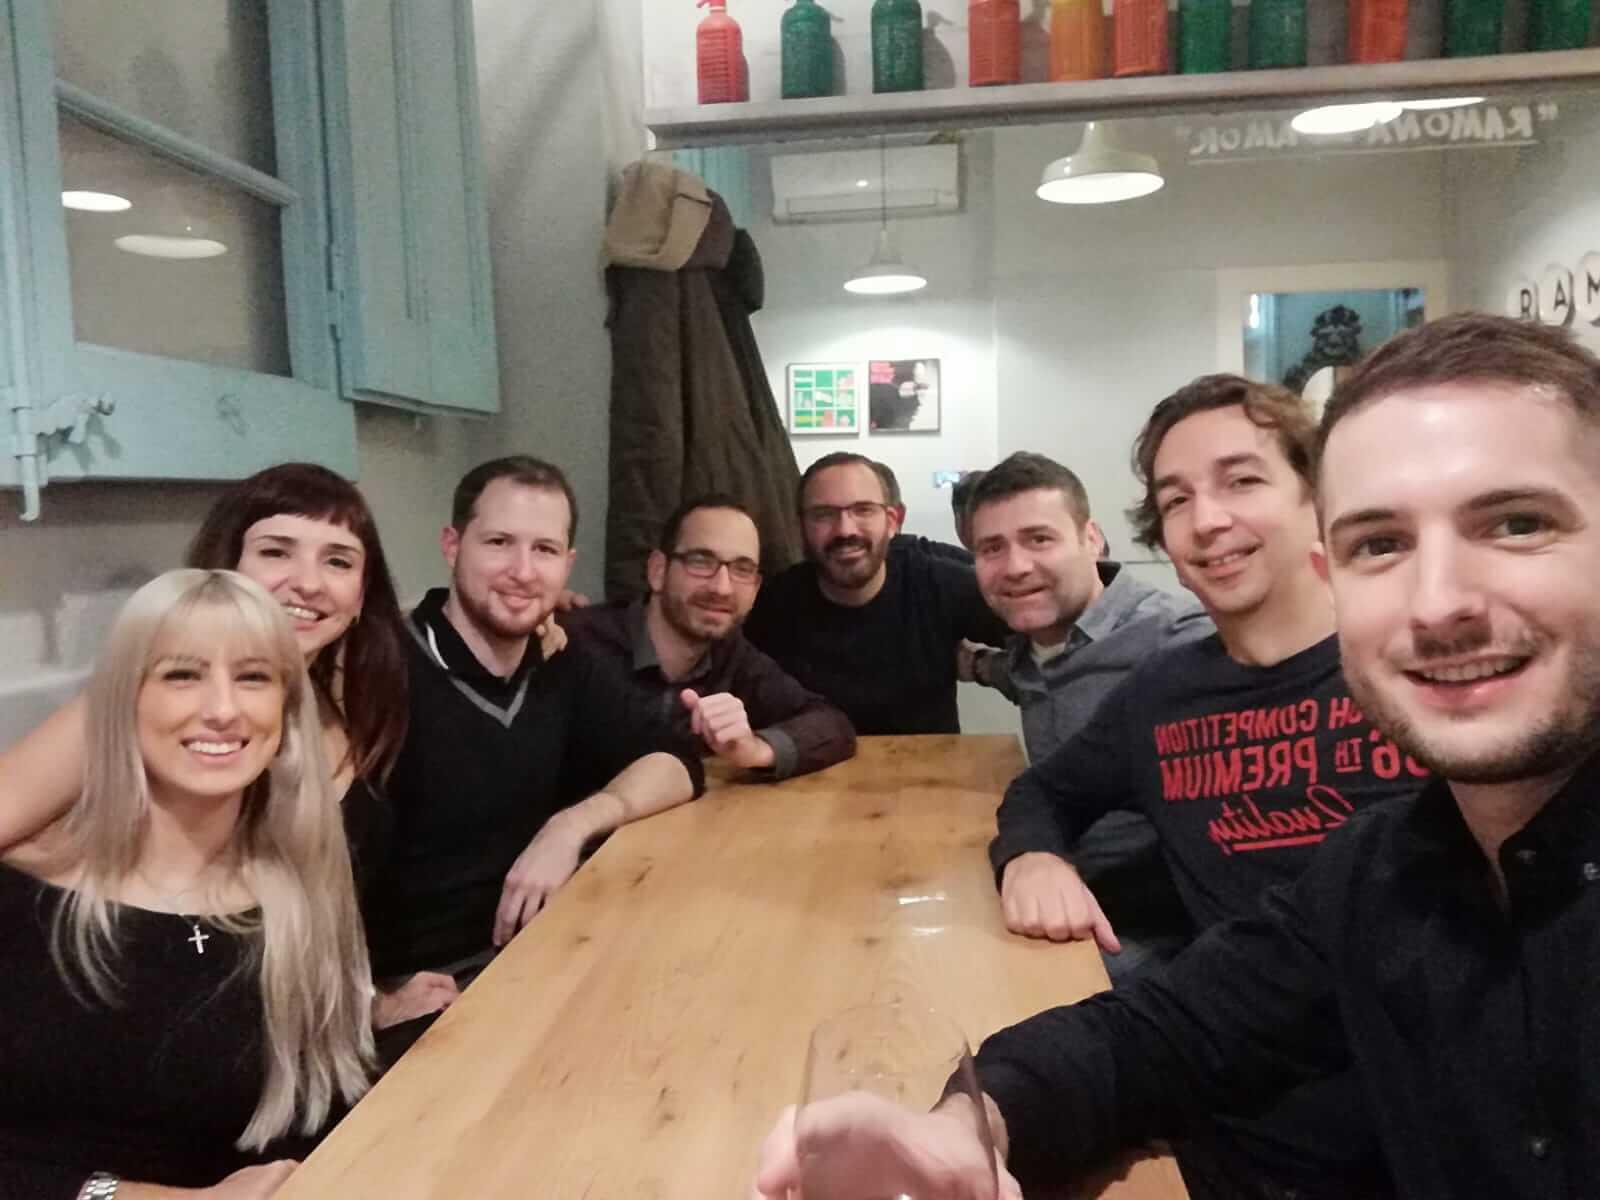 Los compañeros del coworking Coco Place de Barcelona vamos a cenar para las fiestas navideñas